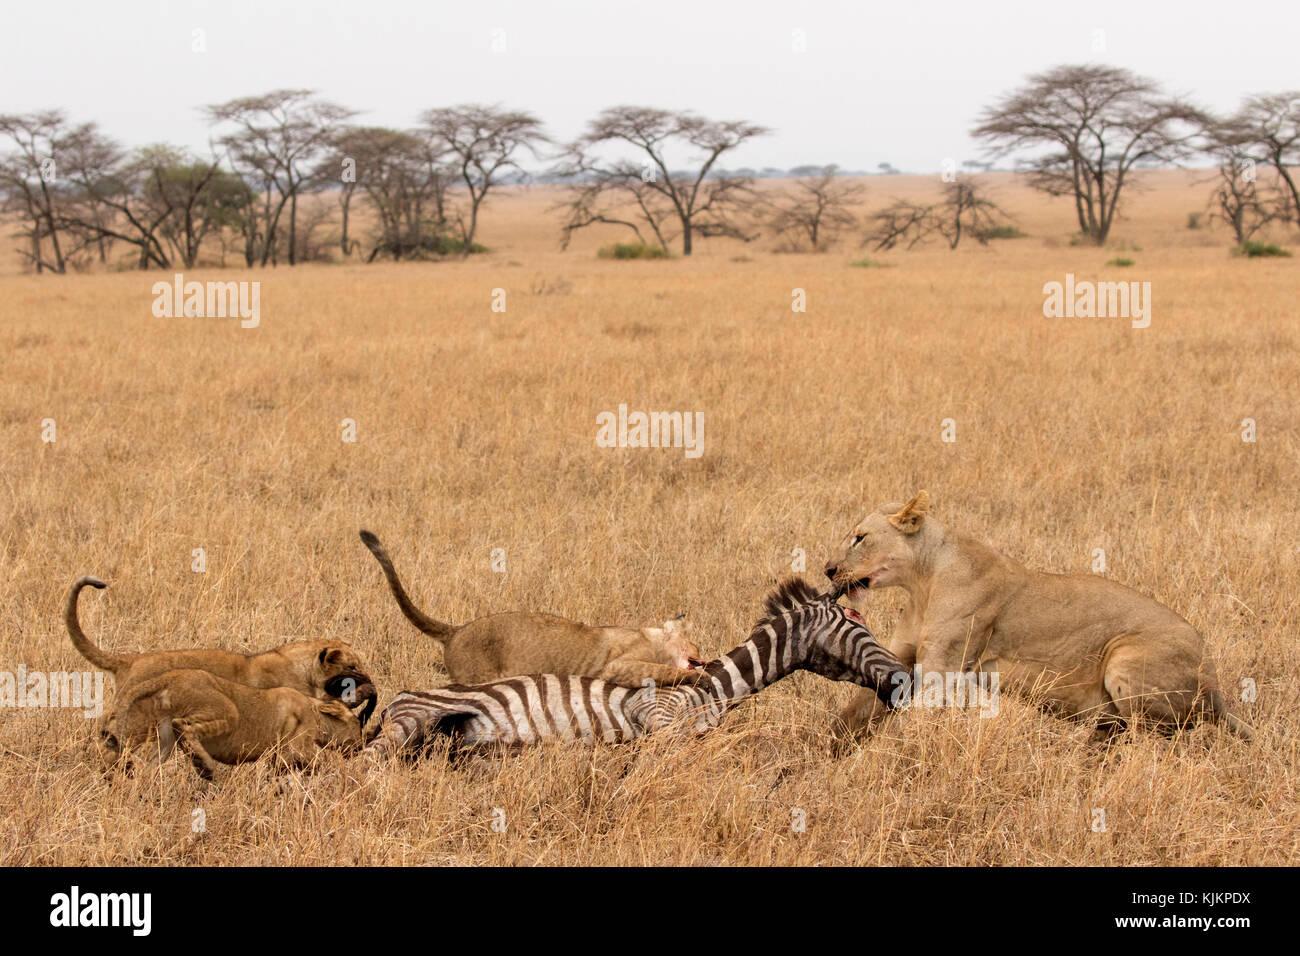 Parco Nazionale del Serengeti. Lion (Panthera leo) alimentazione a uccidere. Tanzania. Foto Stock